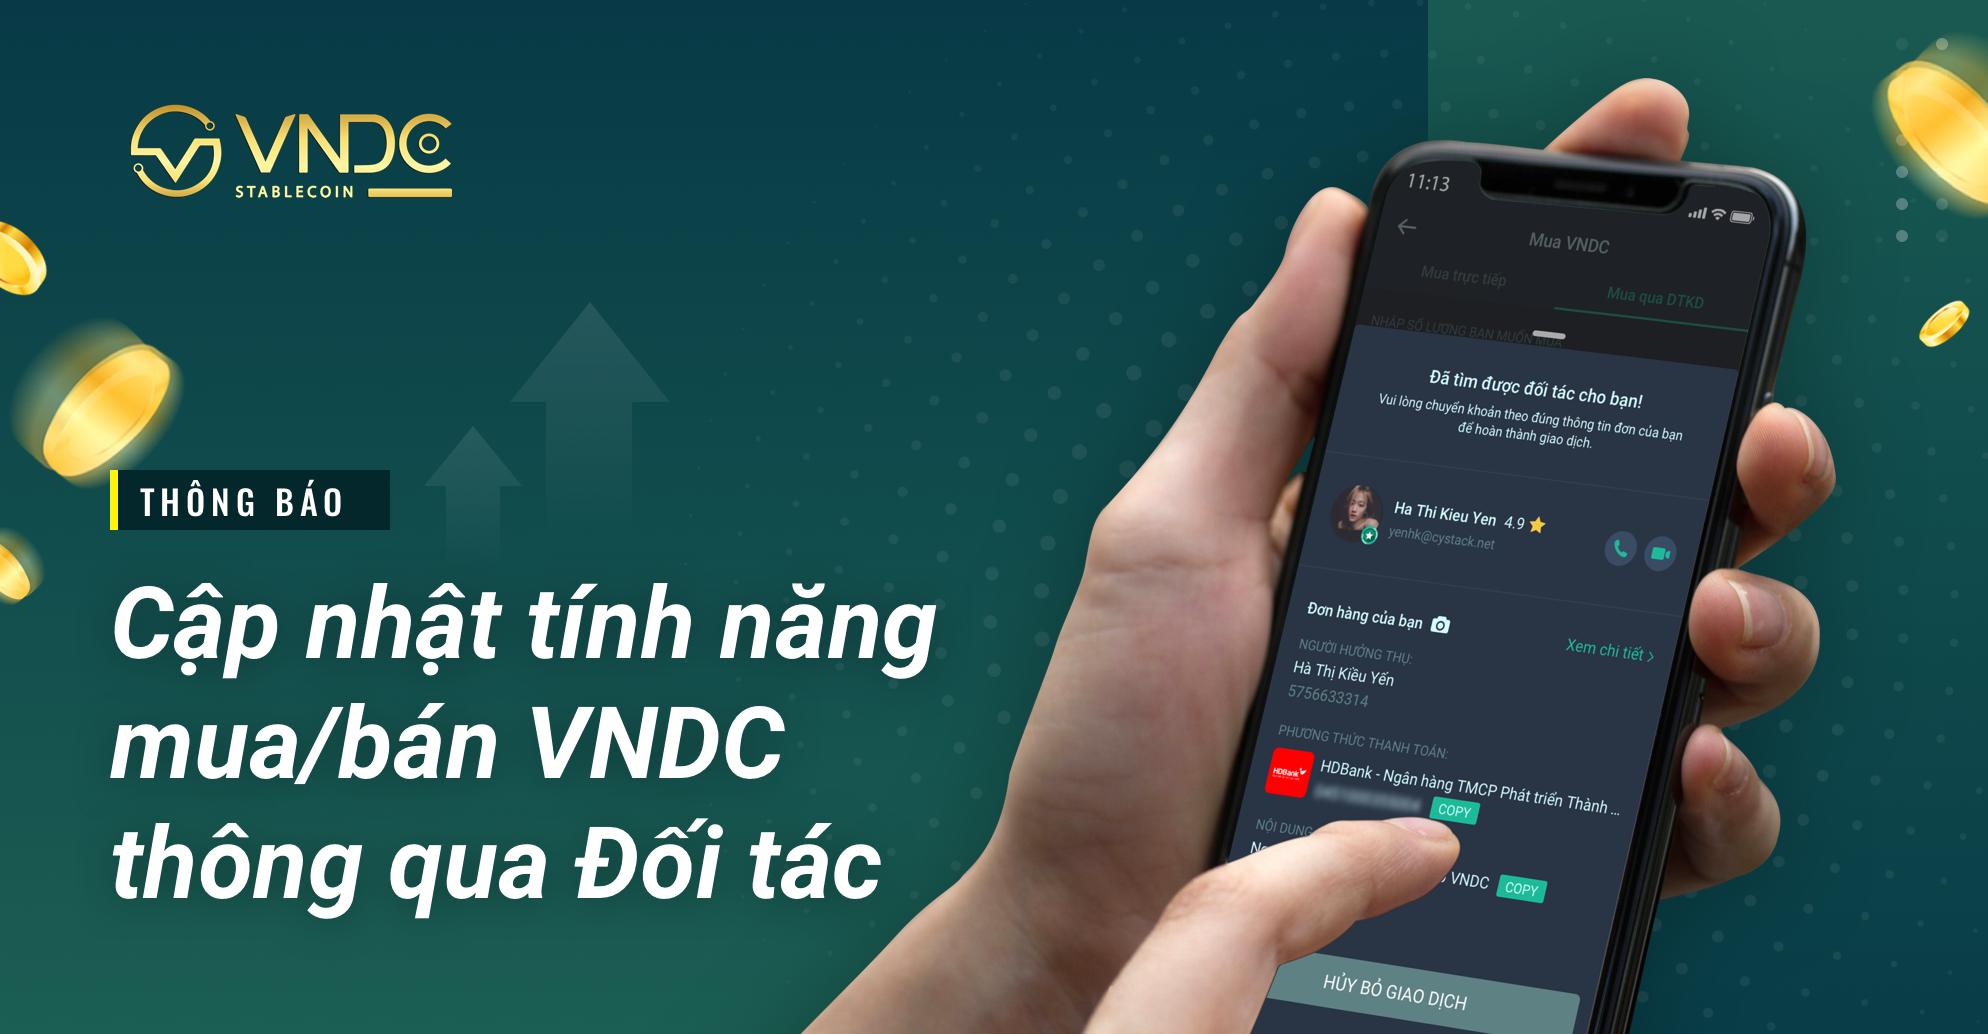 Thông báo: Cập nhật tính năng mua/bán VNDC thông qua đối tác